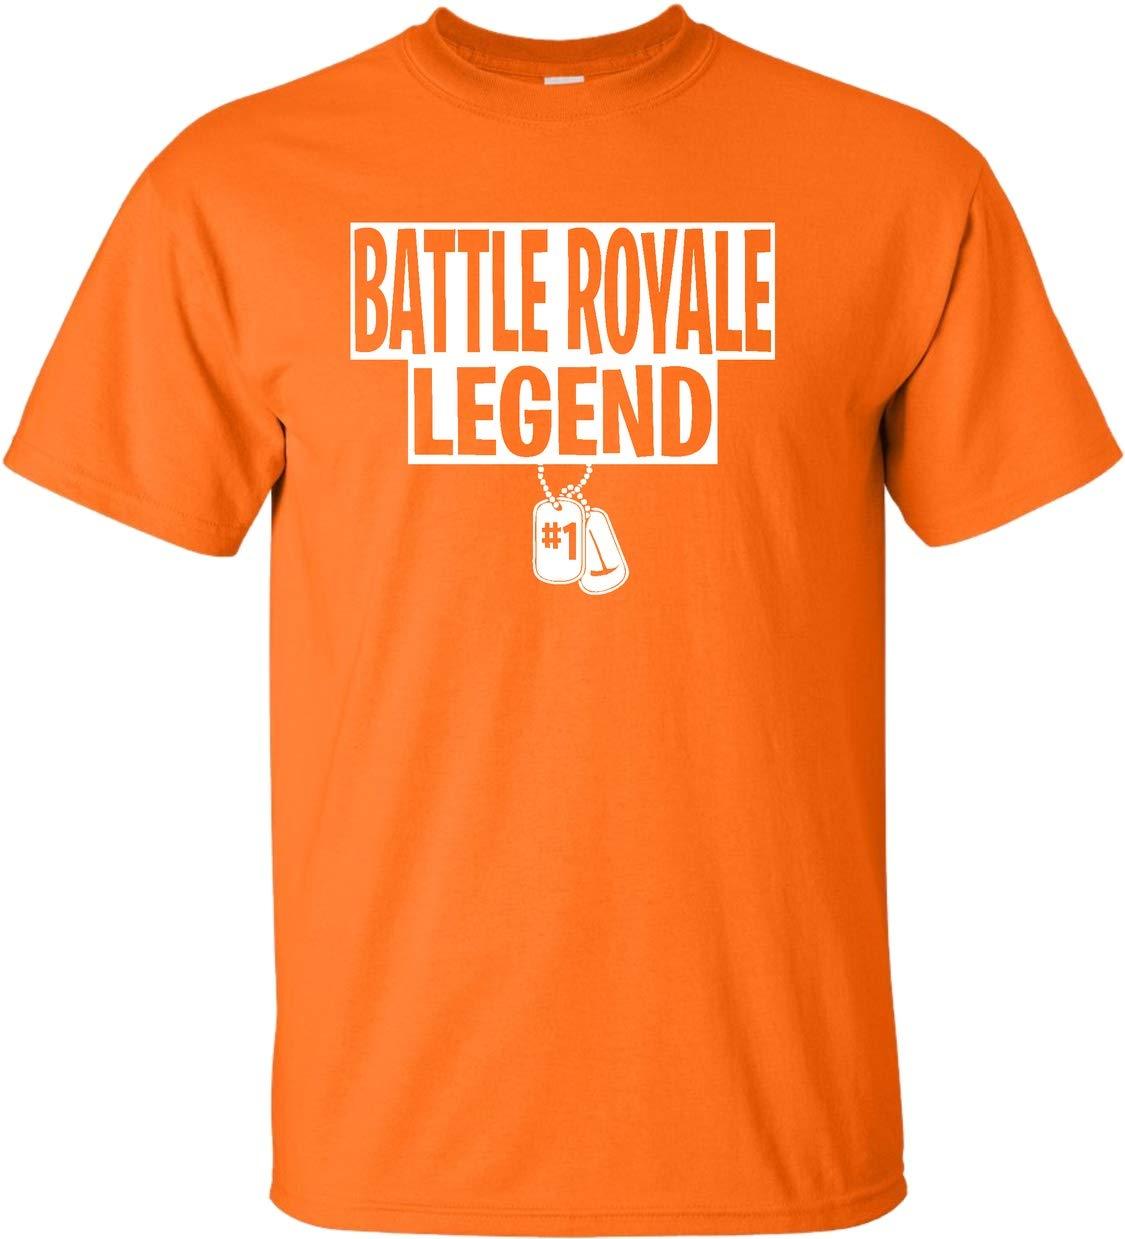 Battle Royale Legend T Shirt 9023